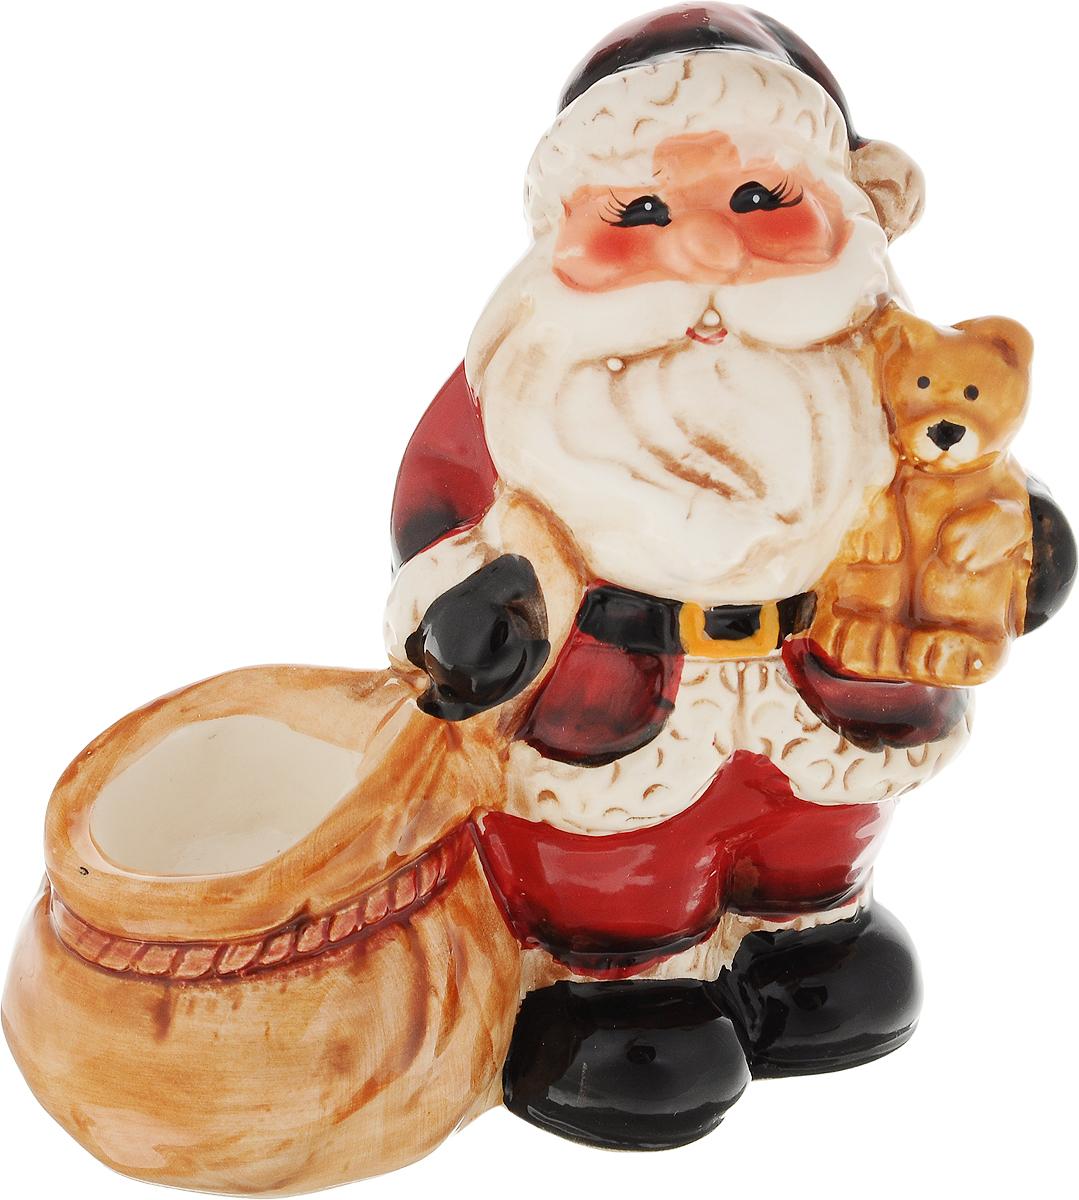 Подсвечник новогодний Win Max Дед Мороз с подарками, цвет: красный, 11 х 7 х 11 см украшение новогоднее настенное win max дед мороз 31 х 56 см